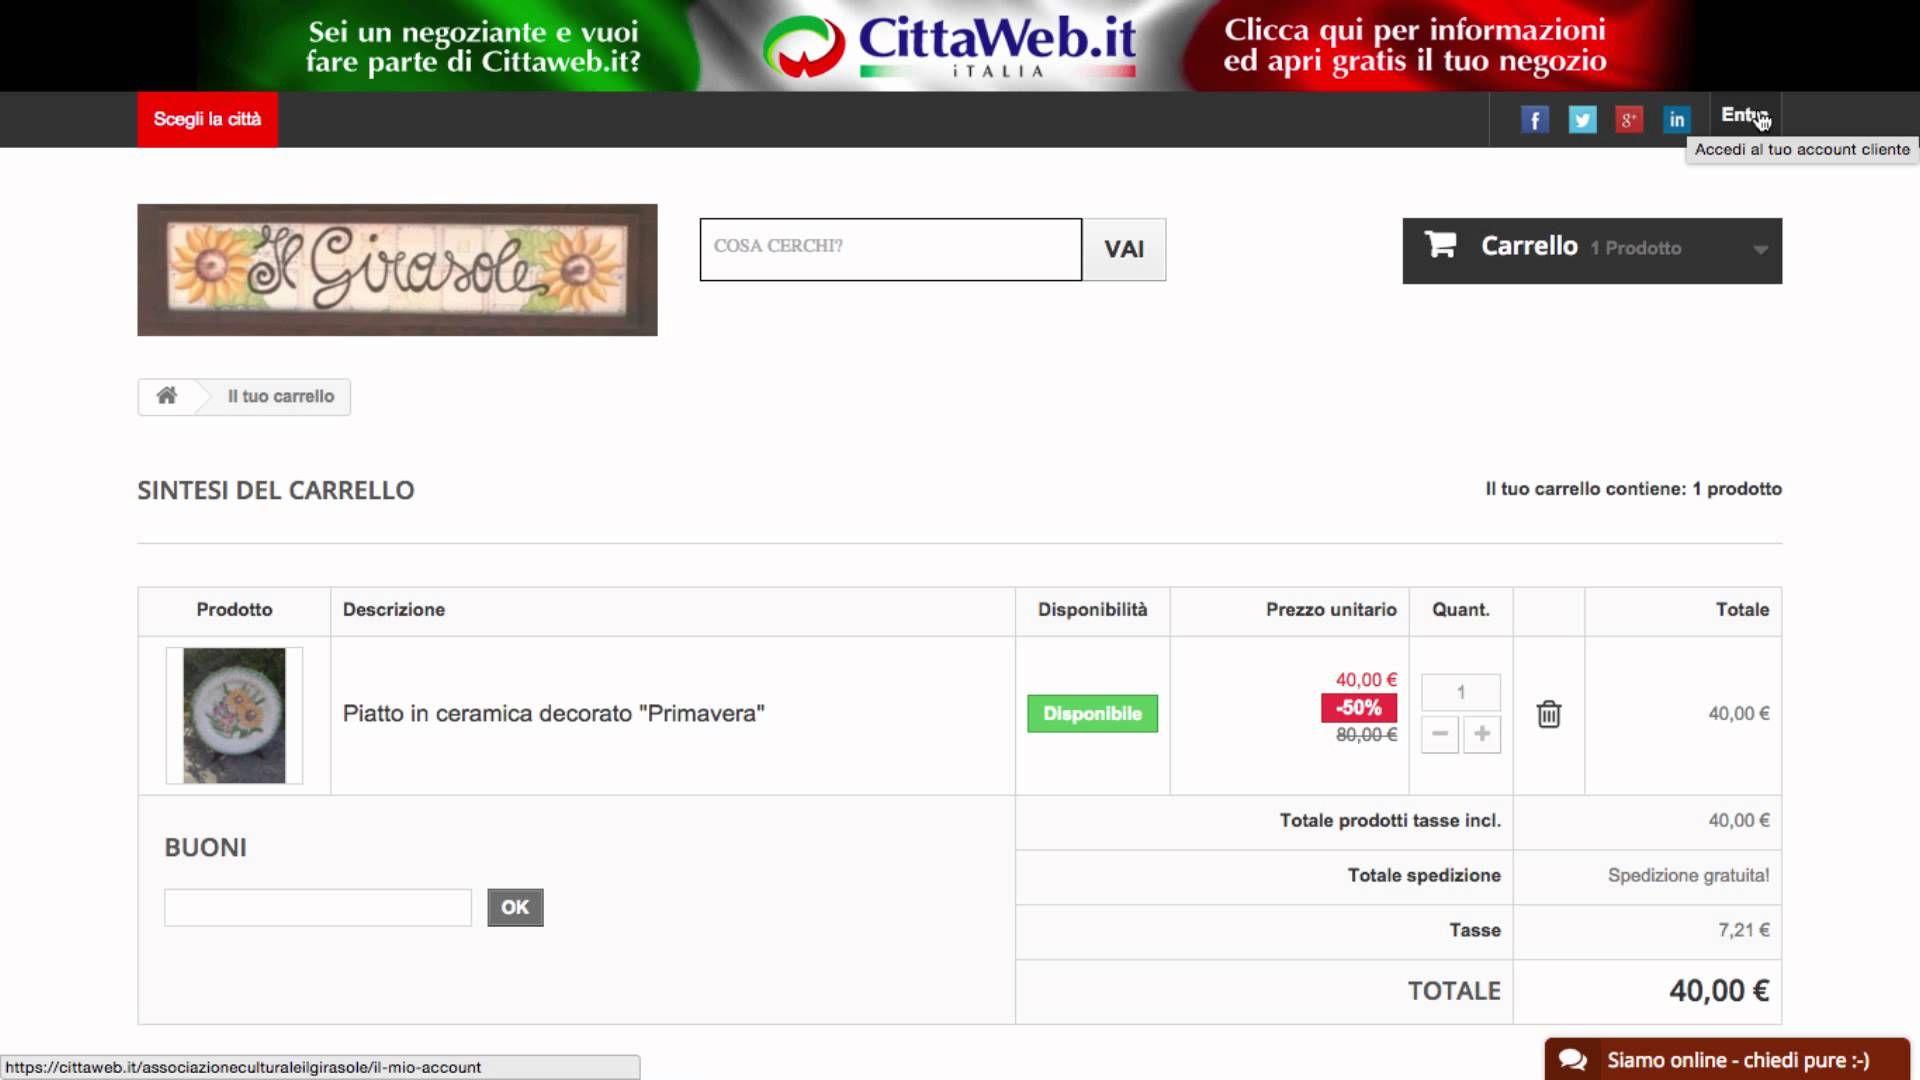 Indovina indovinello: la prenotazione su Cittaweb avviene con la carta d...